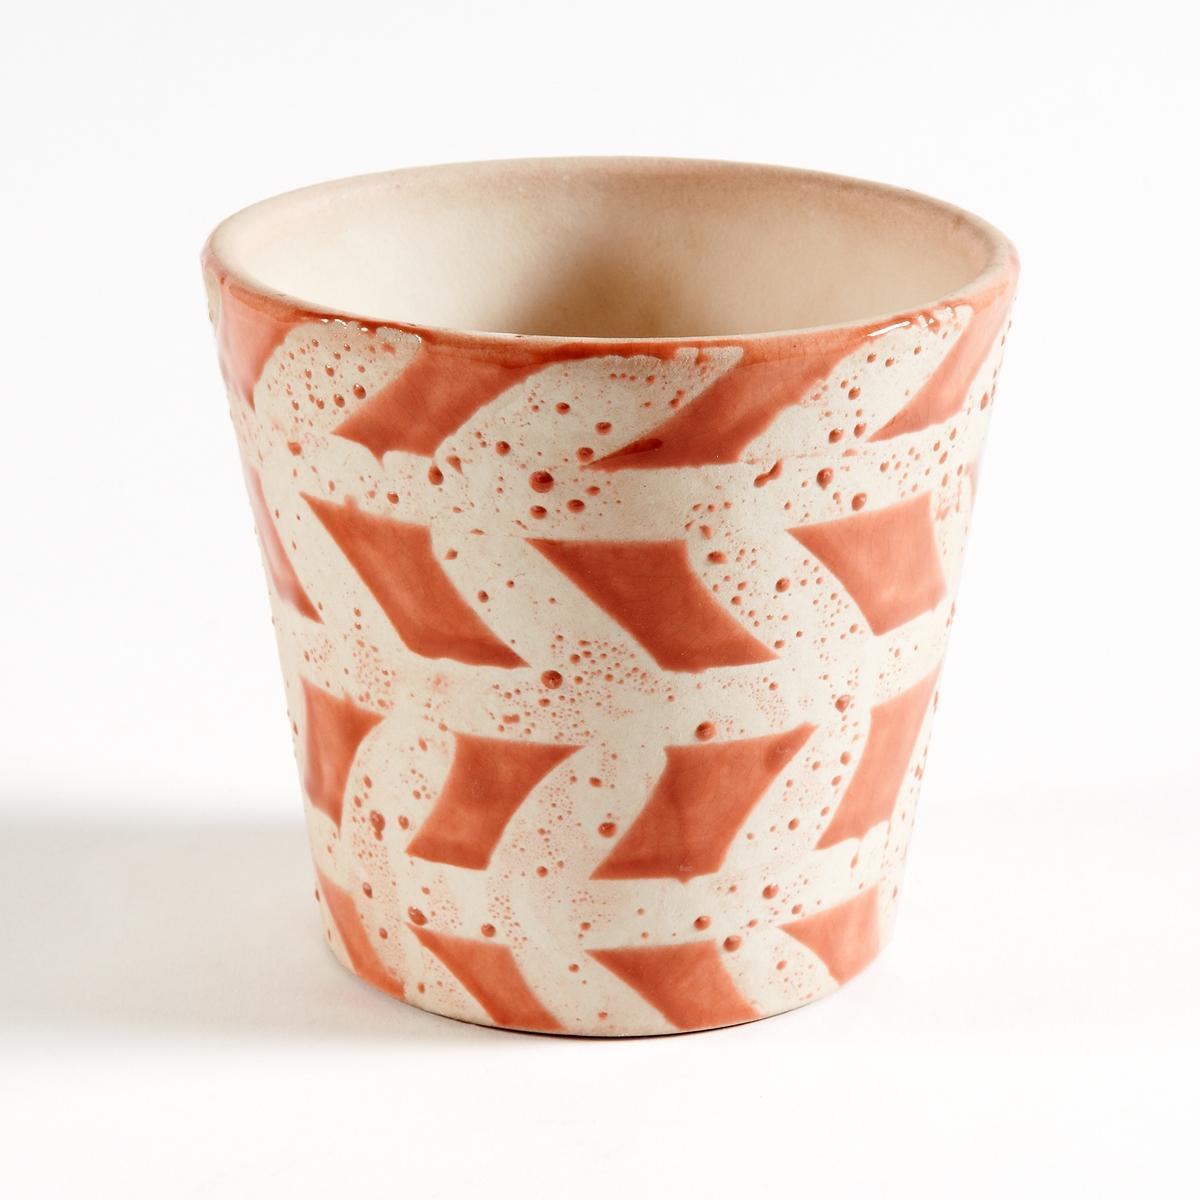 Кашпо из керамики, покрытой глазурью, EtnimaХарактеристики круглого кашпо из керамики Etnima :Круглое кашпо из керамики, покрытой глазурью, с этническим рисунком.Размеры круглого кашпо из керамики Etnima :Размеры : диаметр 14 x высота 12,5 см.<br><br>Цвет: оранжевый,темно-розовый